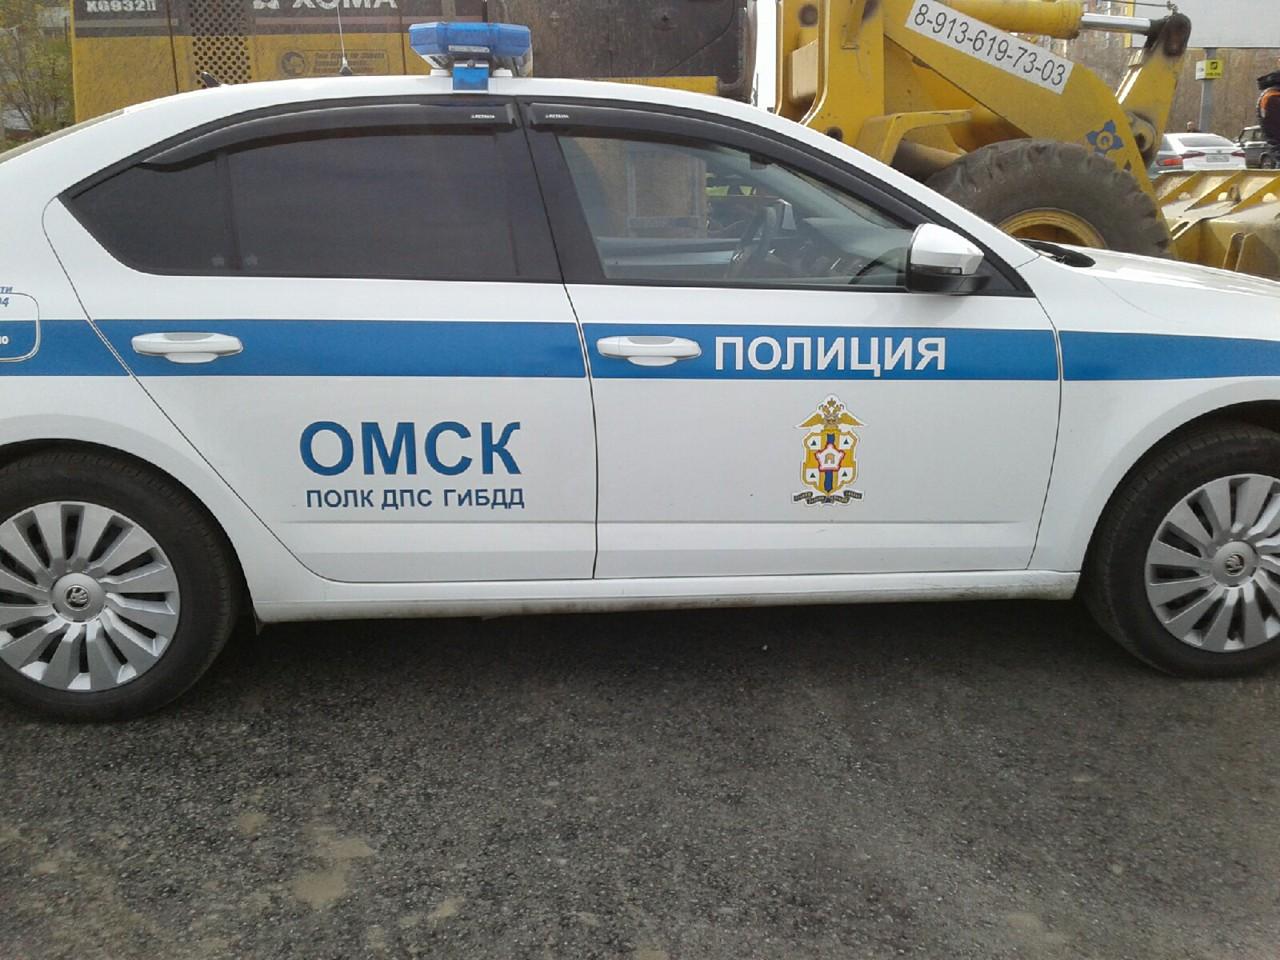 Пьяные водители устроили почти сотню ДТП в Омской области #Омск #Общество #Сегодня